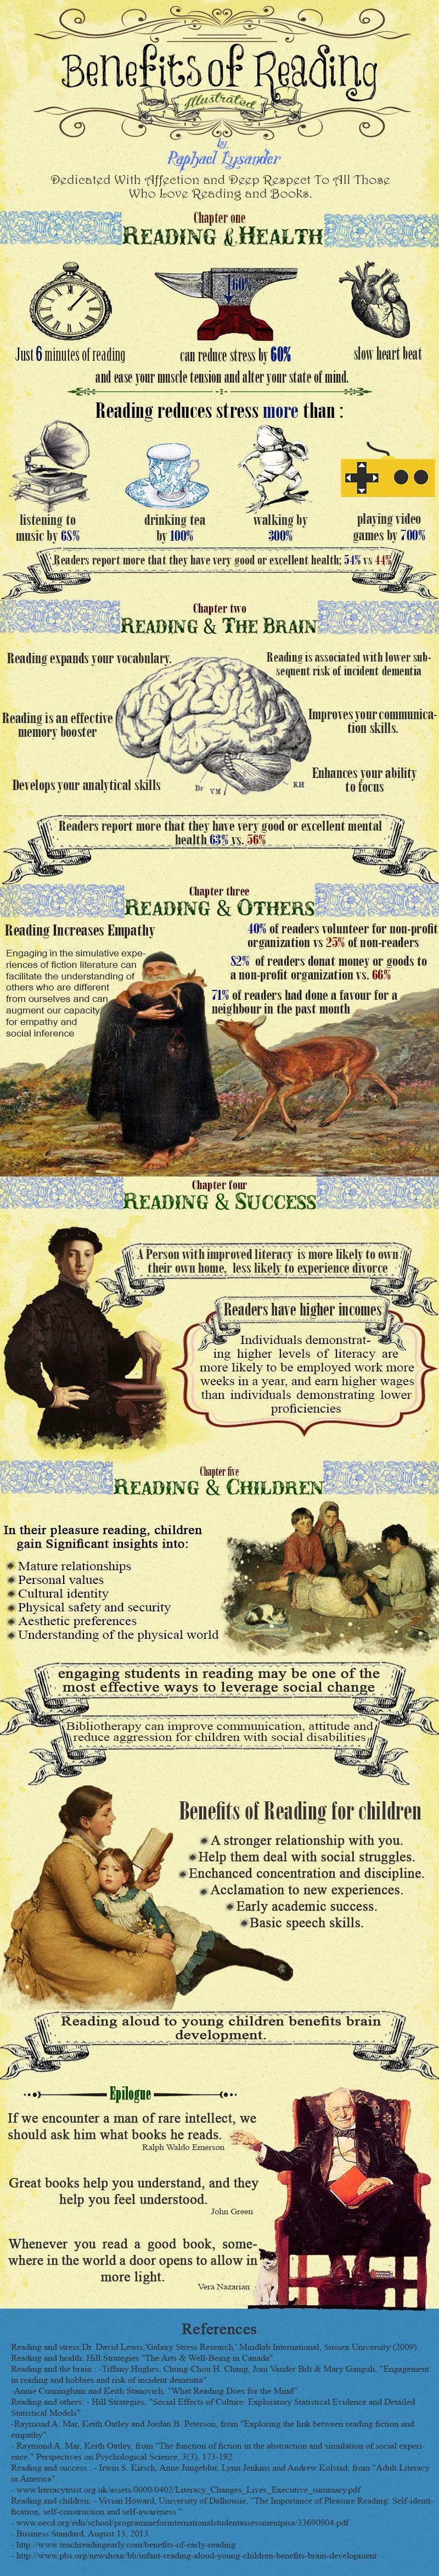 Infographie les bienfaits de la lecture - Les bienfaits de la marche rapide sur tapis ...